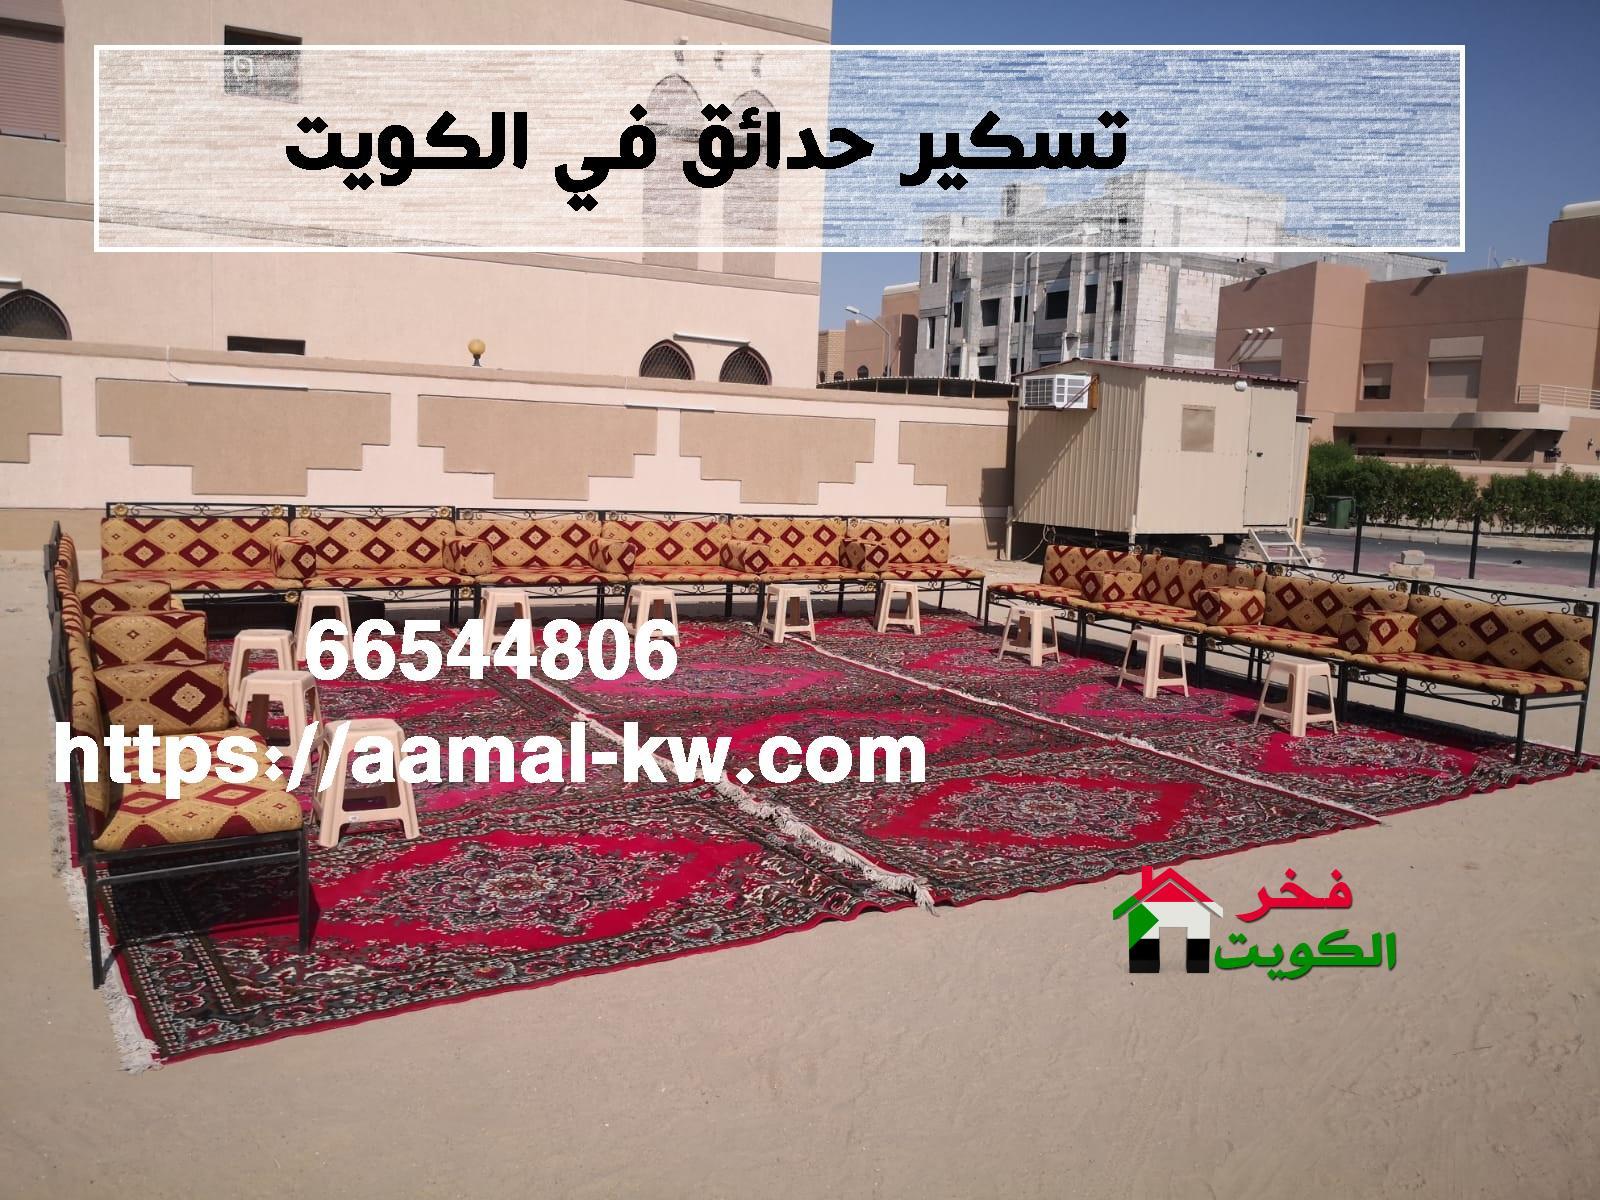 تسكير حدائق في الكويت